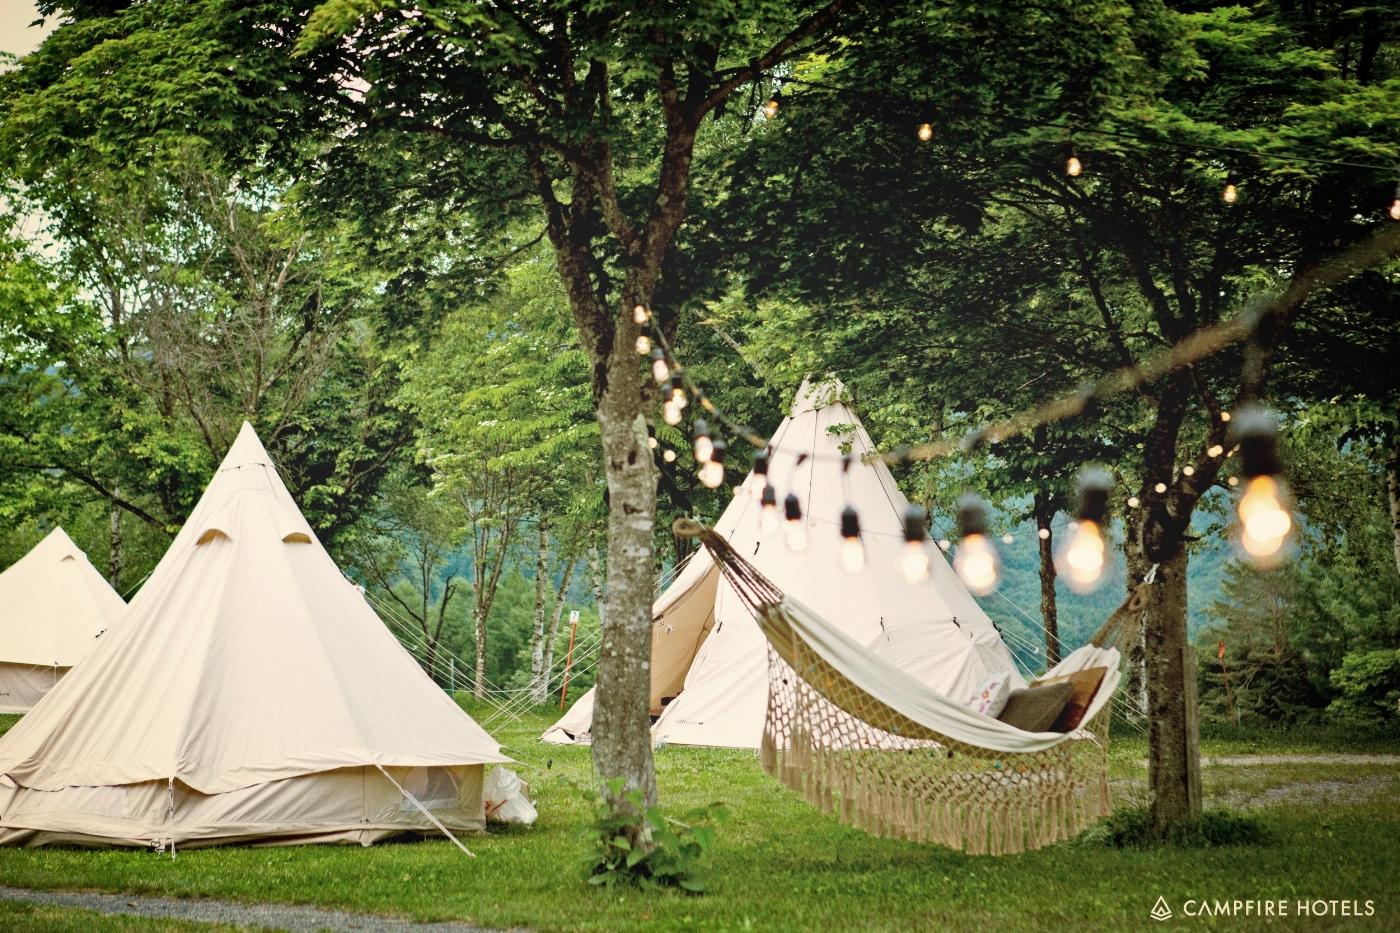 02 - グランピングテント カジュアルセットデザイン性を維持しつつ、テント内の家具をシンプルにしたお手軽なセットです。テント内が広く利用でき、パーティーや撮影等におすすめです。